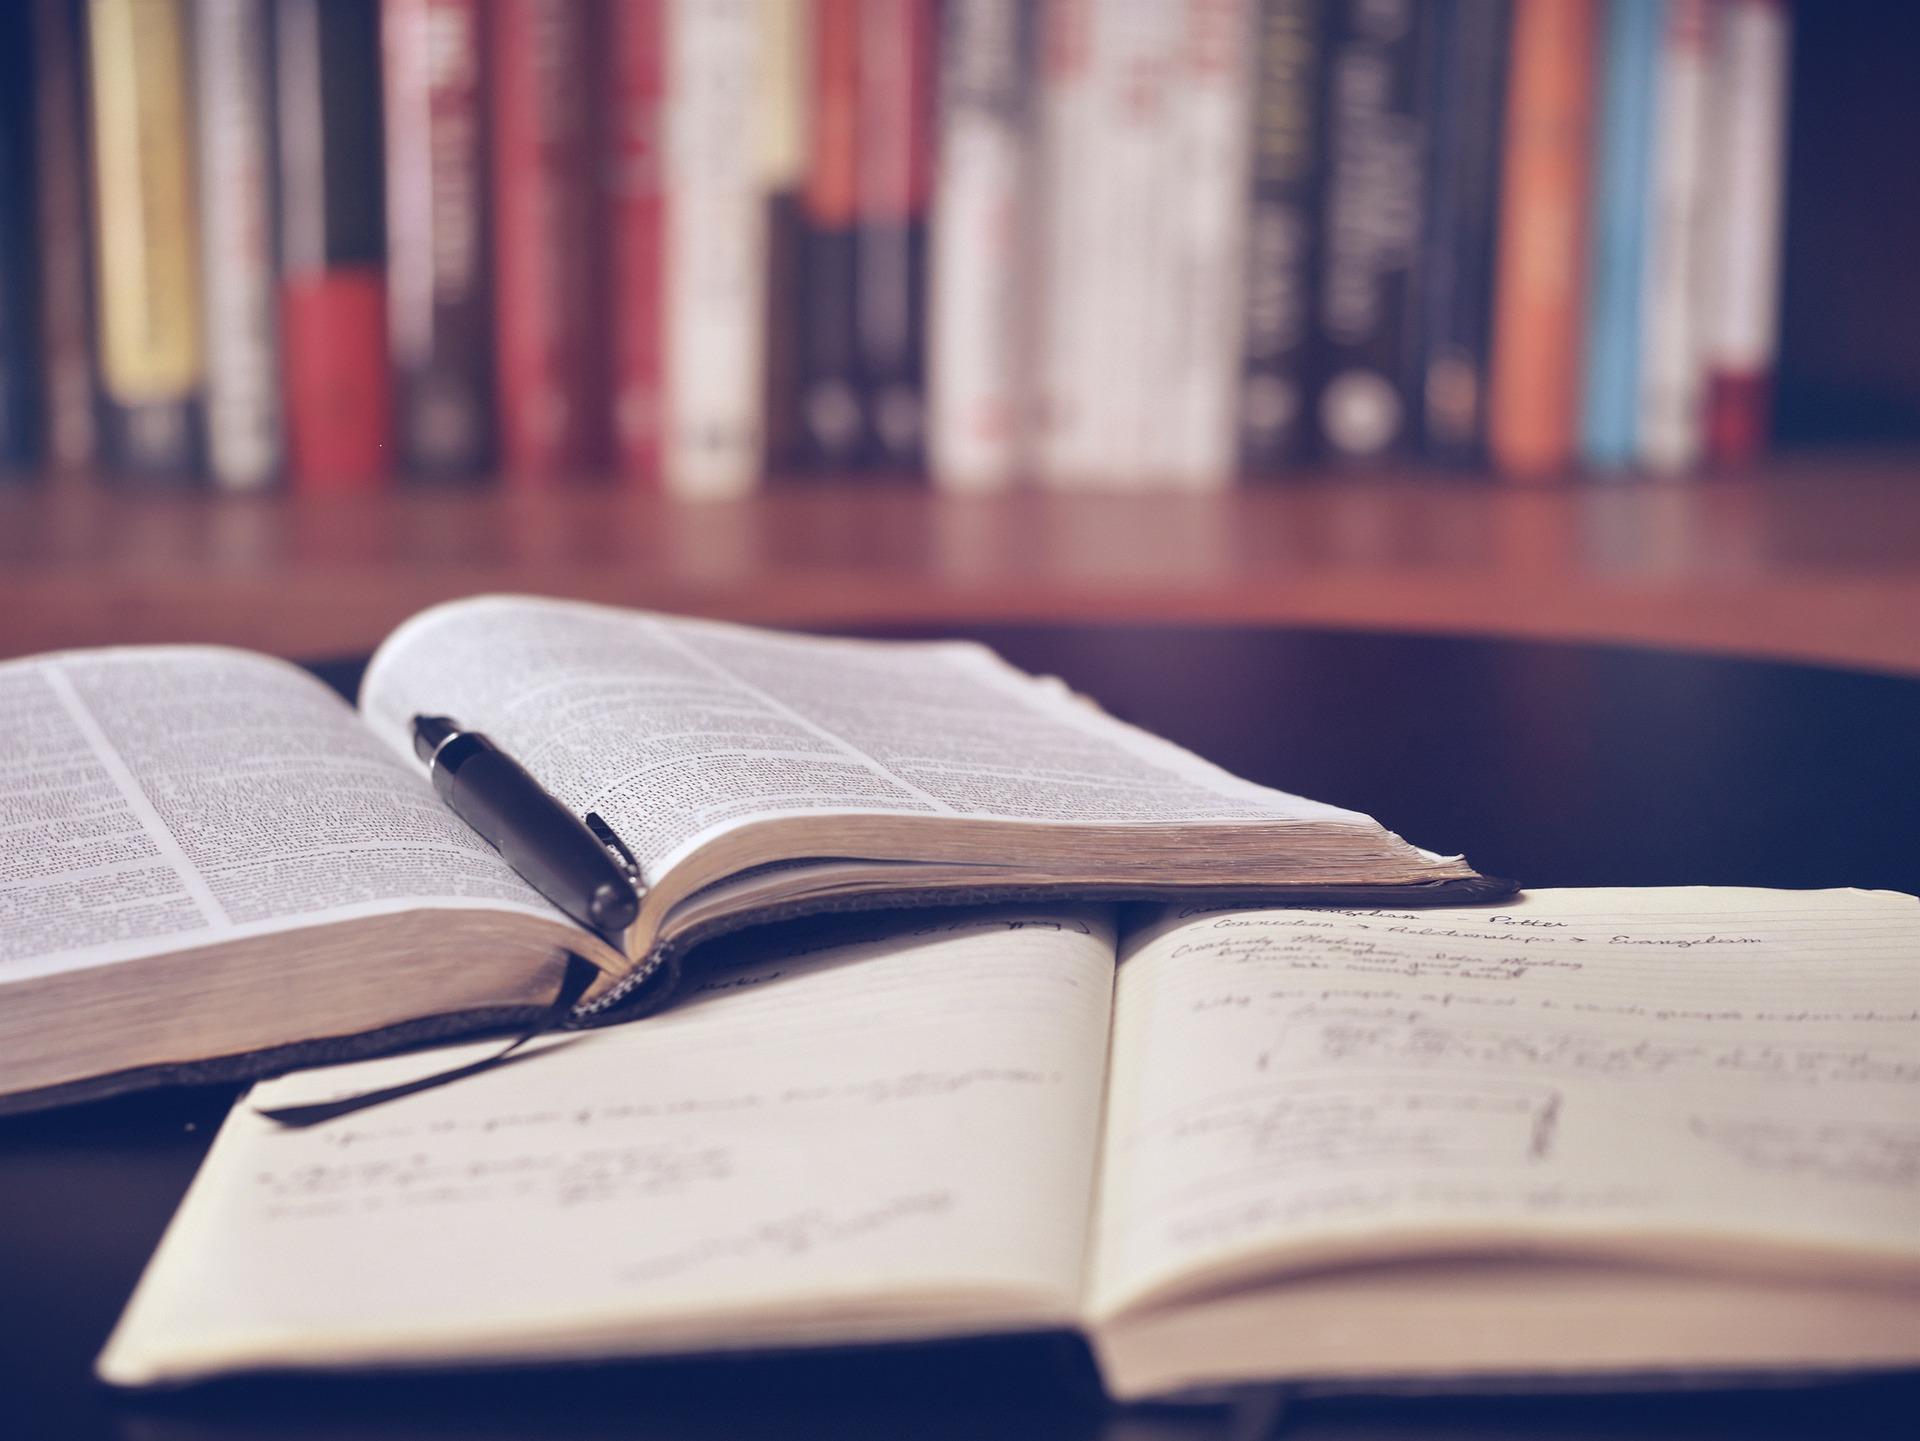 Mostrador de llibres, la tria setmanal amb l'art com a protagonista